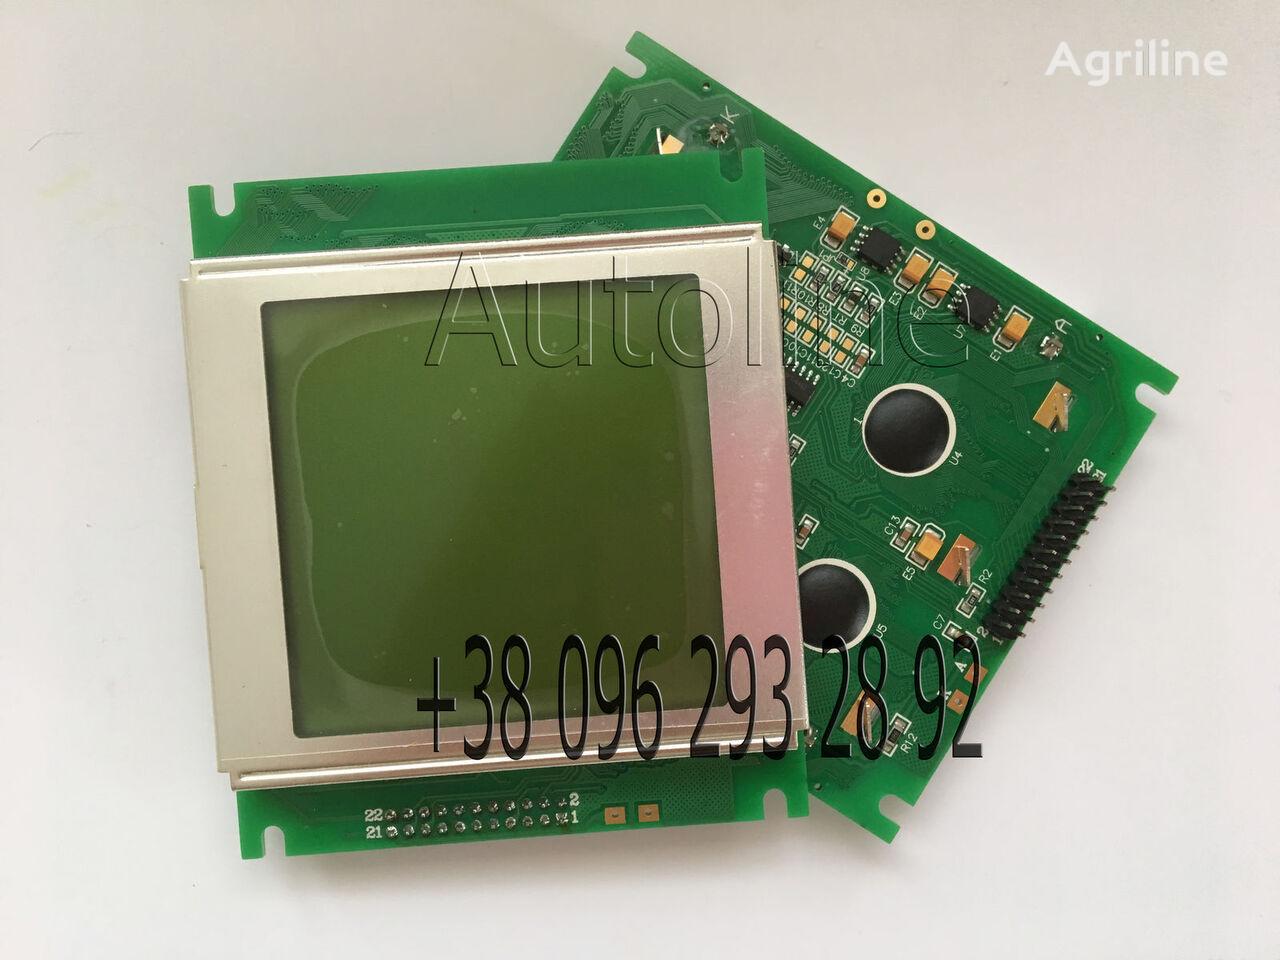 jauns Ekran dlya SM300, SM400, Challenger 8186 monitors paredzēts MASSEY FERGUSON MF-555 mehāniskās sējmašīnas